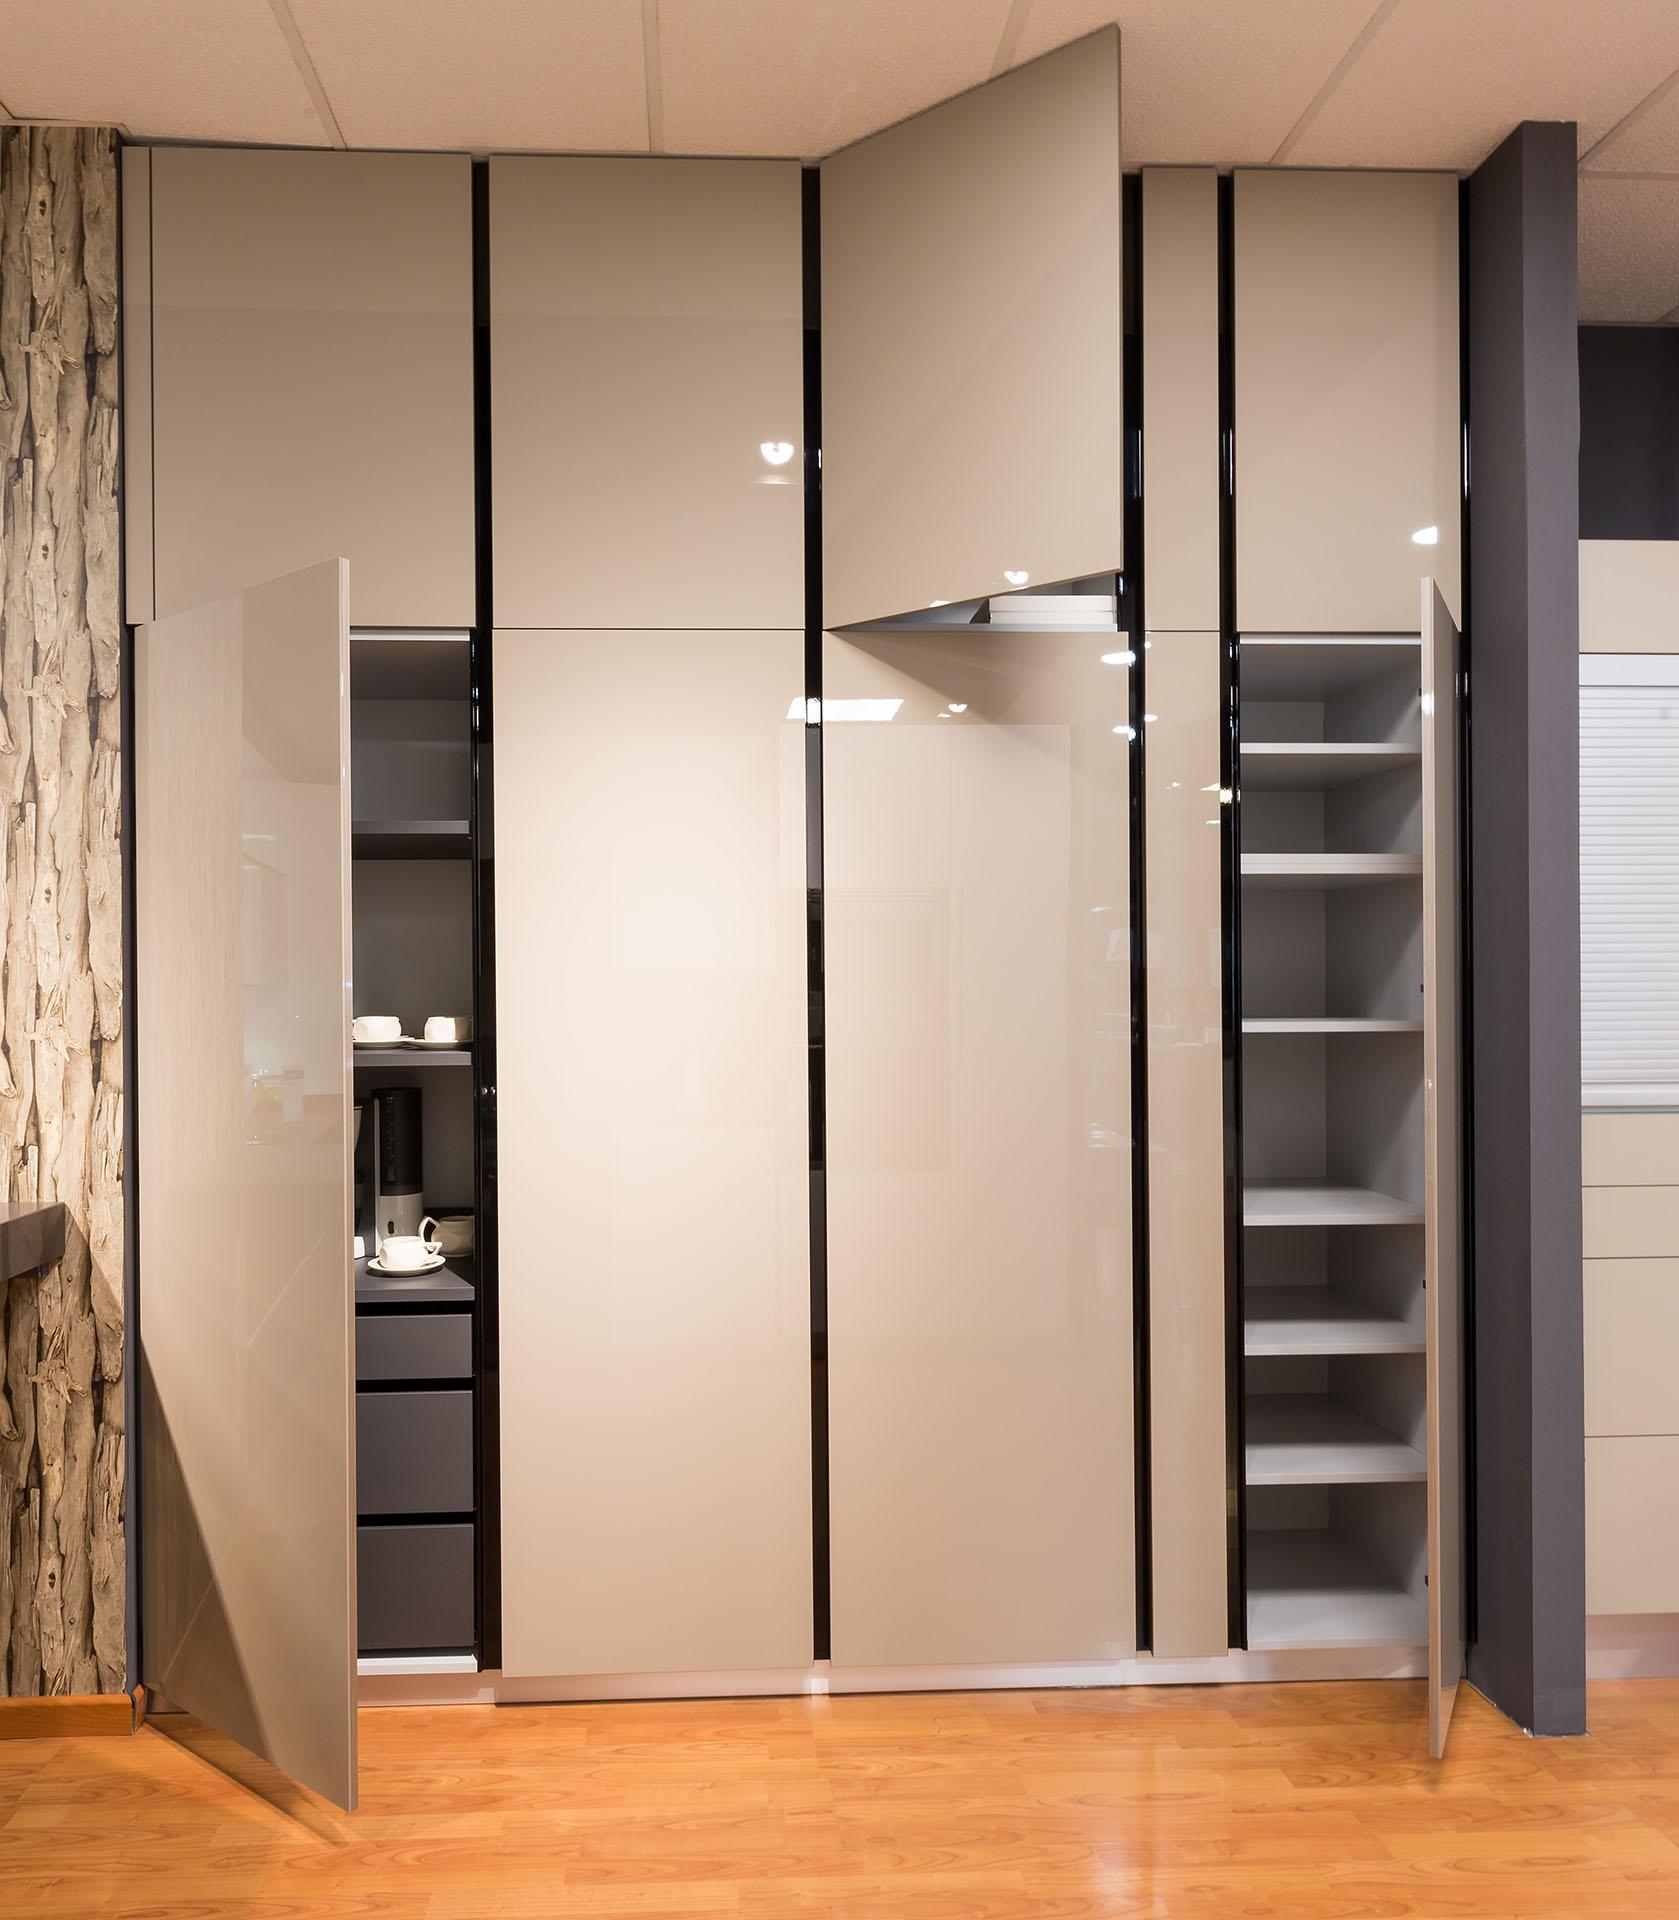 Almacenajes en cocinas todo guardado todo integrado for Mueble cajones pequenos